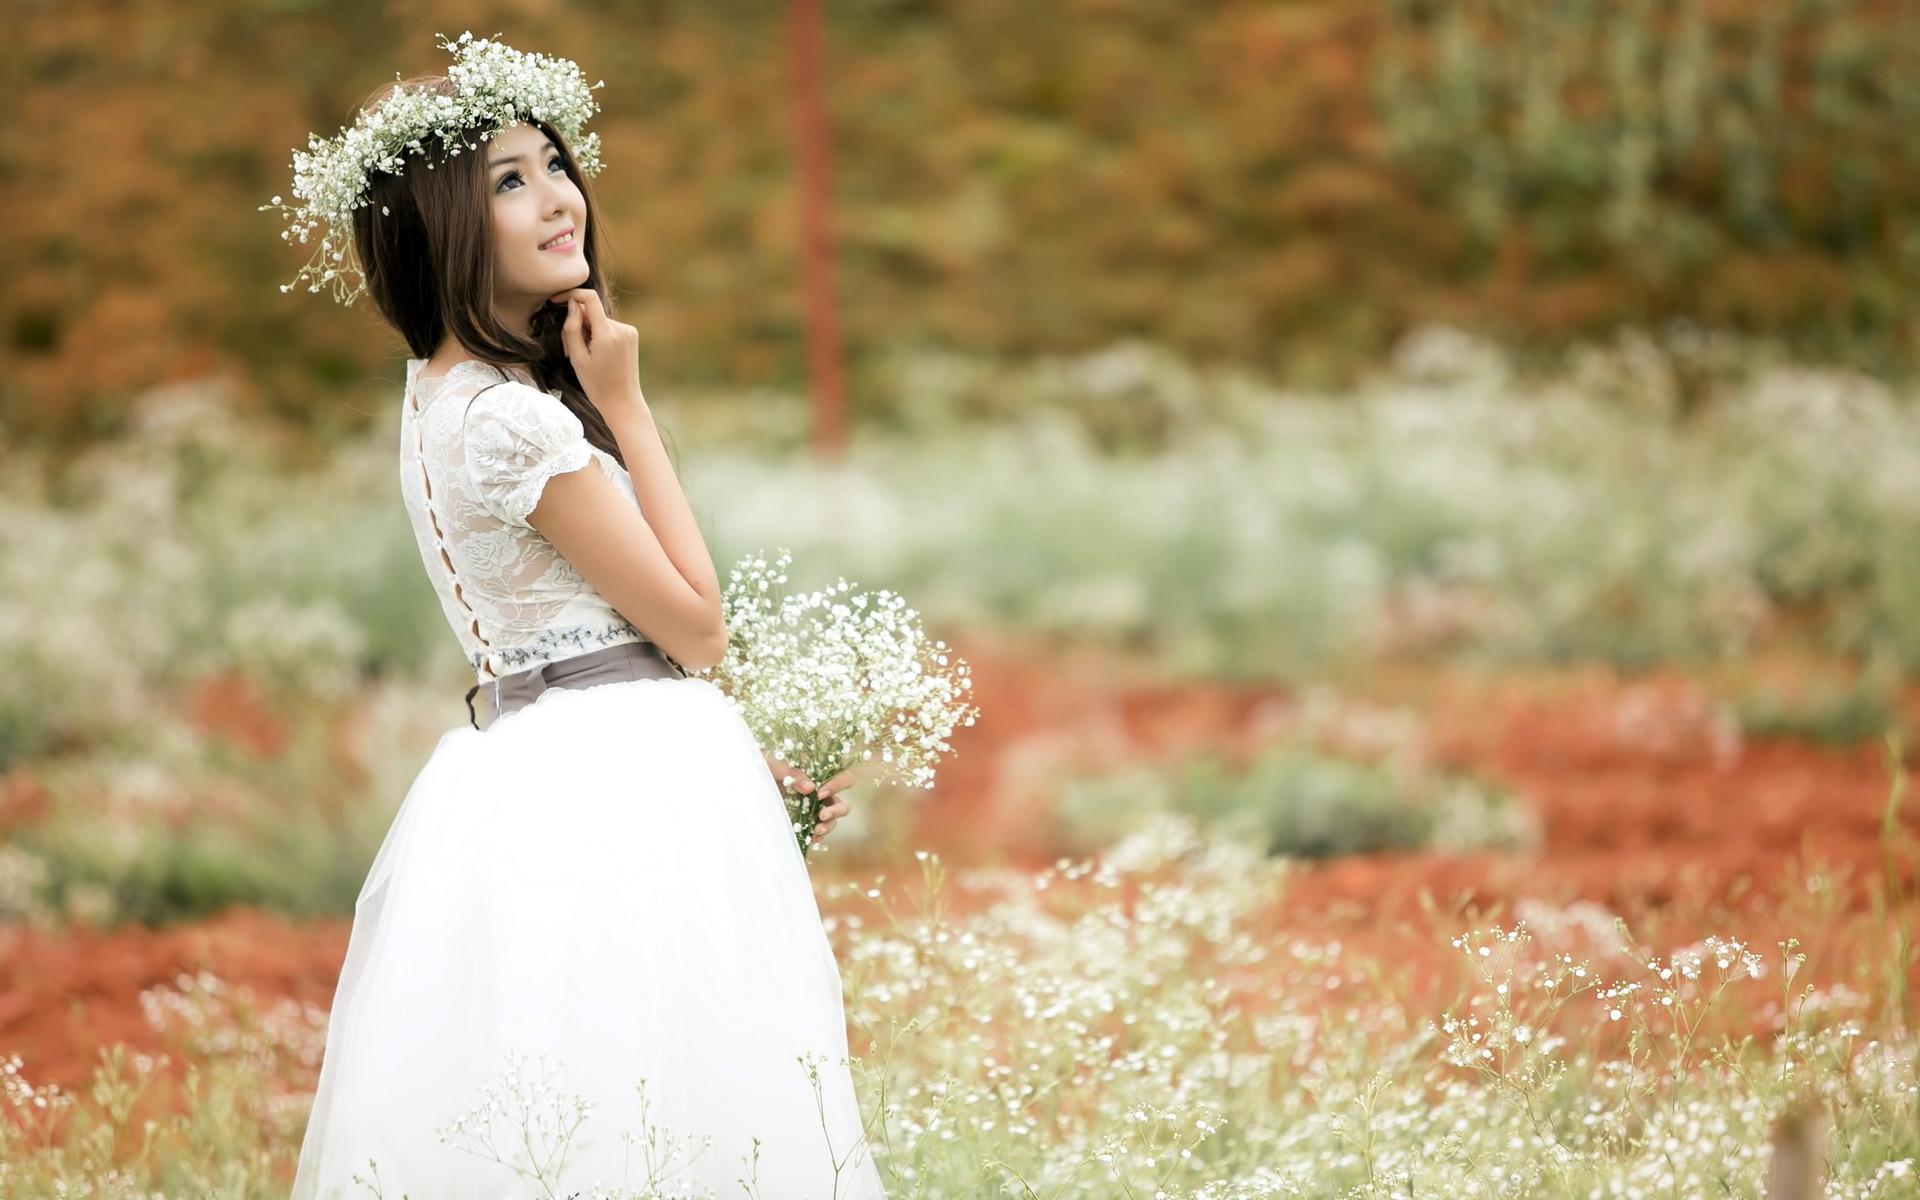 азиатка, платье, белое